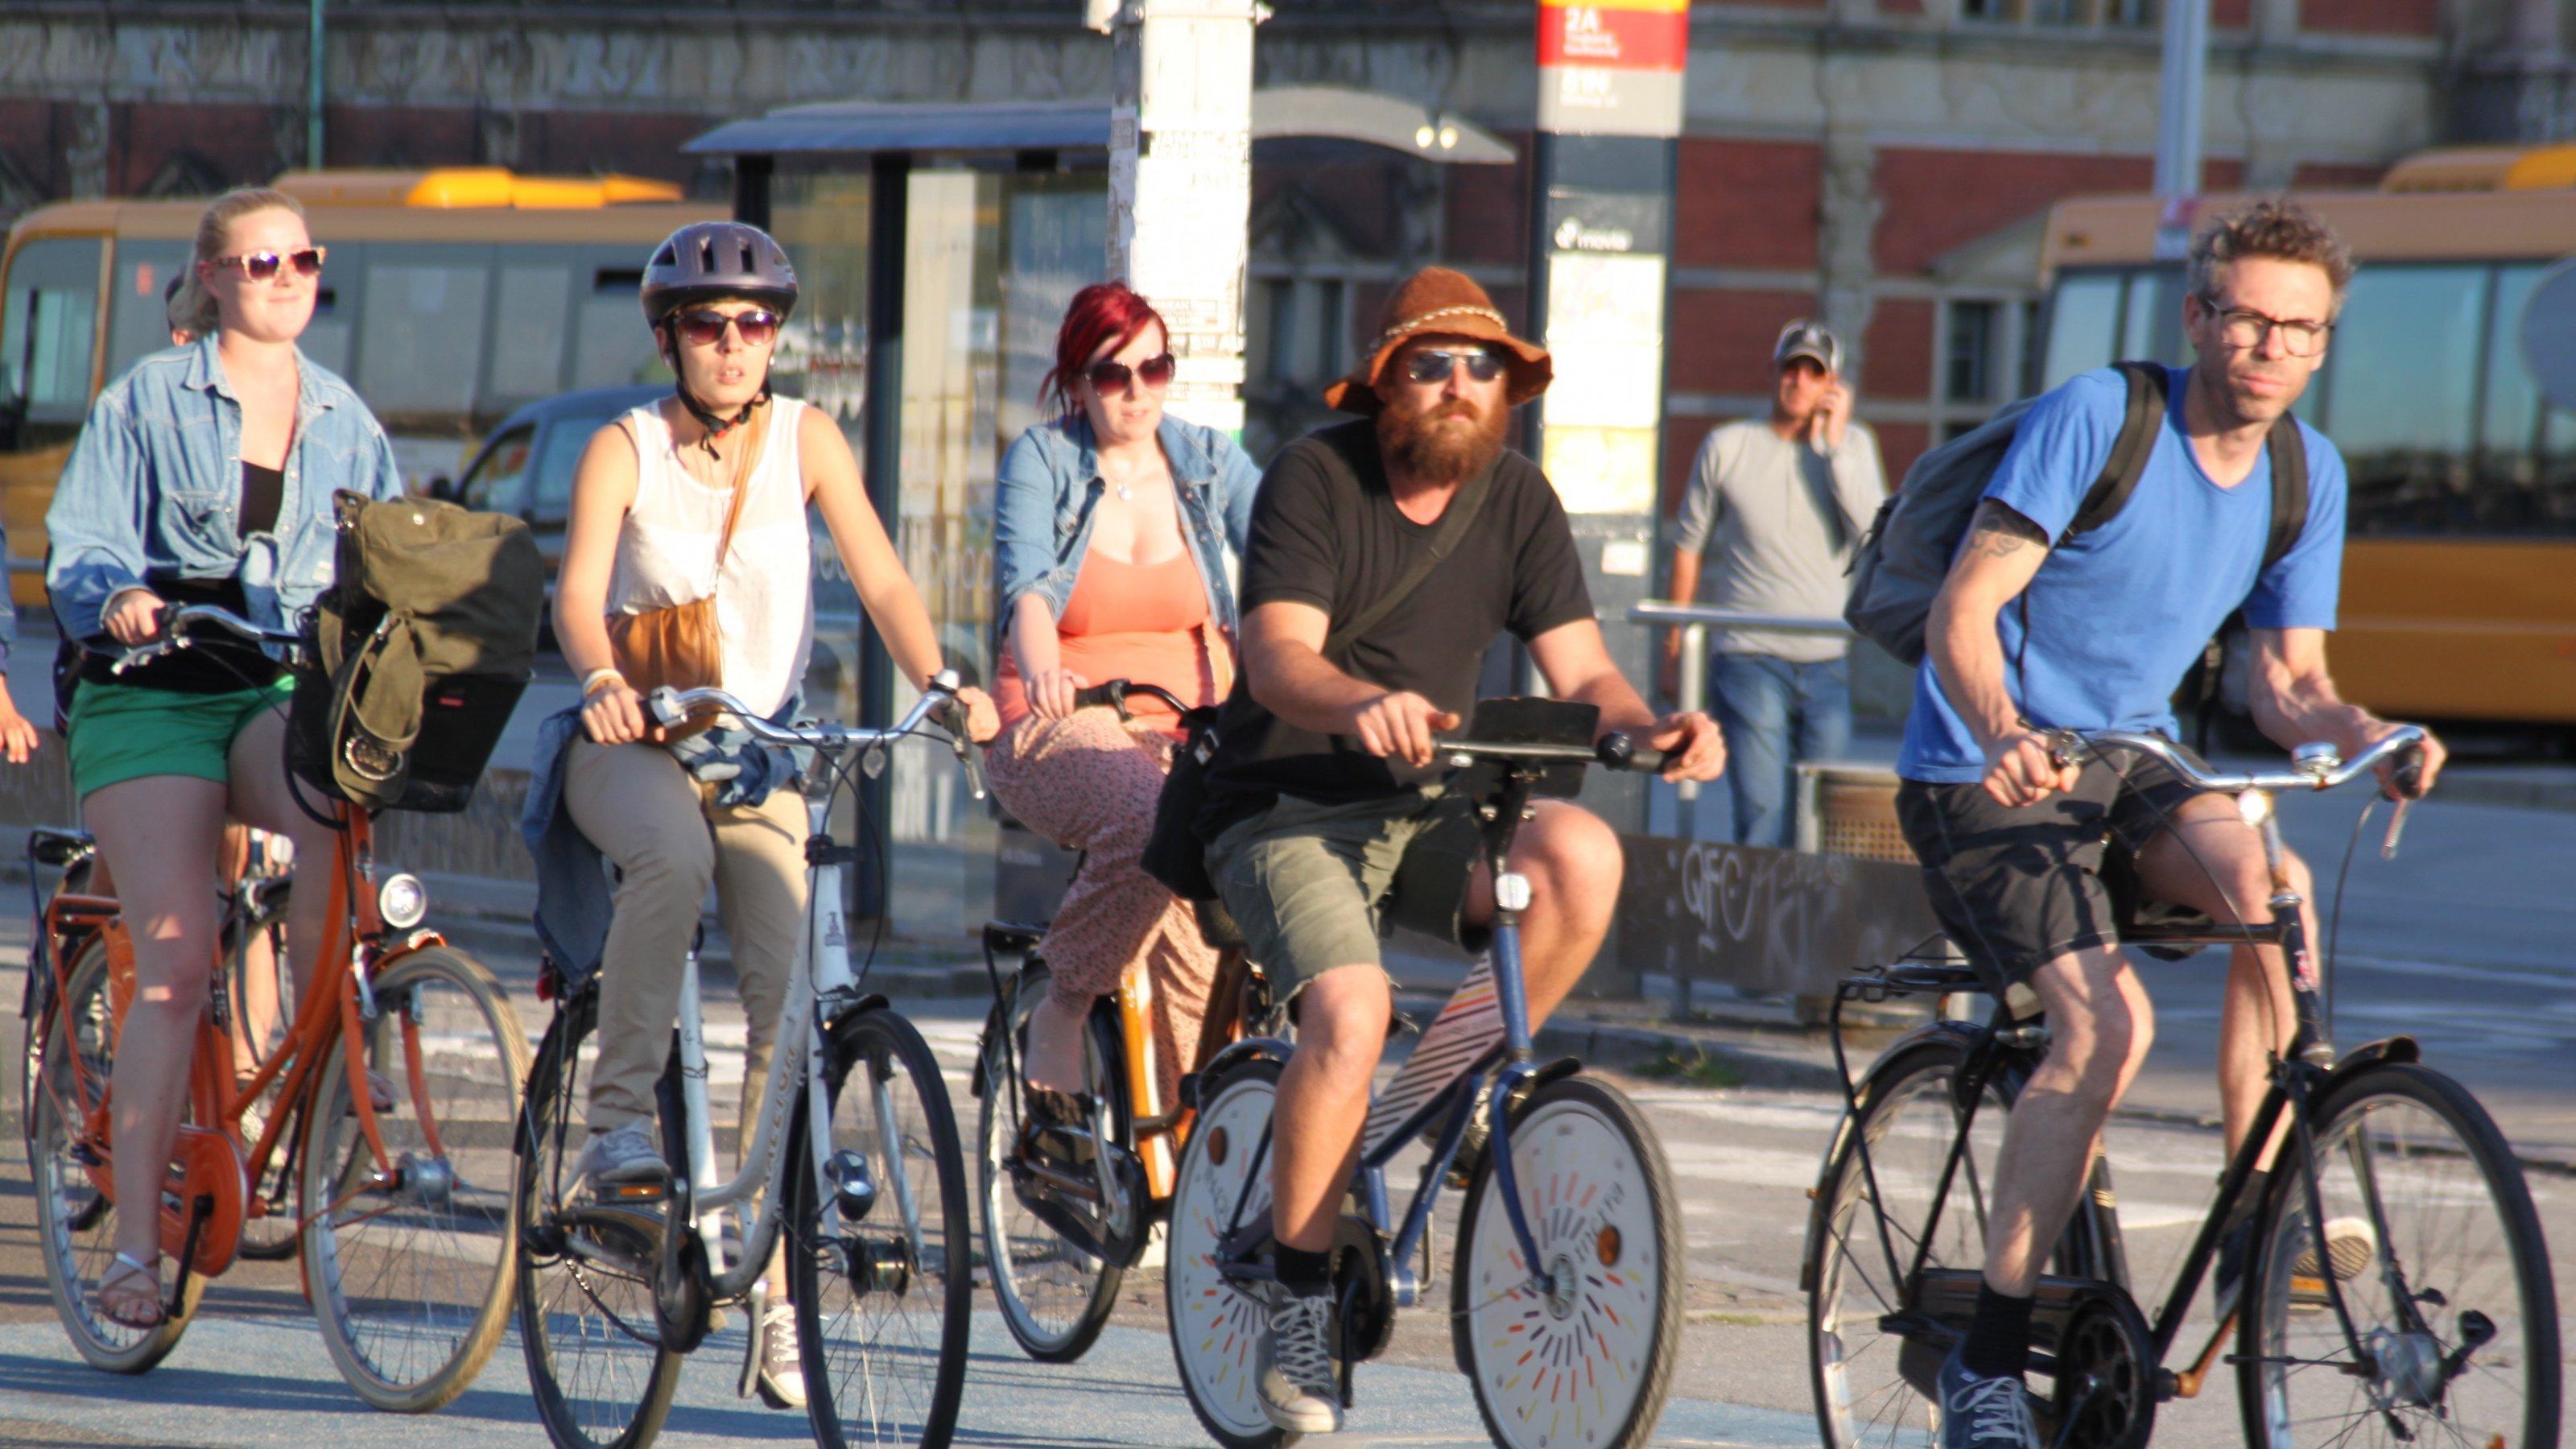 Fünf Radfahrer überqueren auf einem breiten blau gefärbten Radweg entspannt eine Kreuzung.